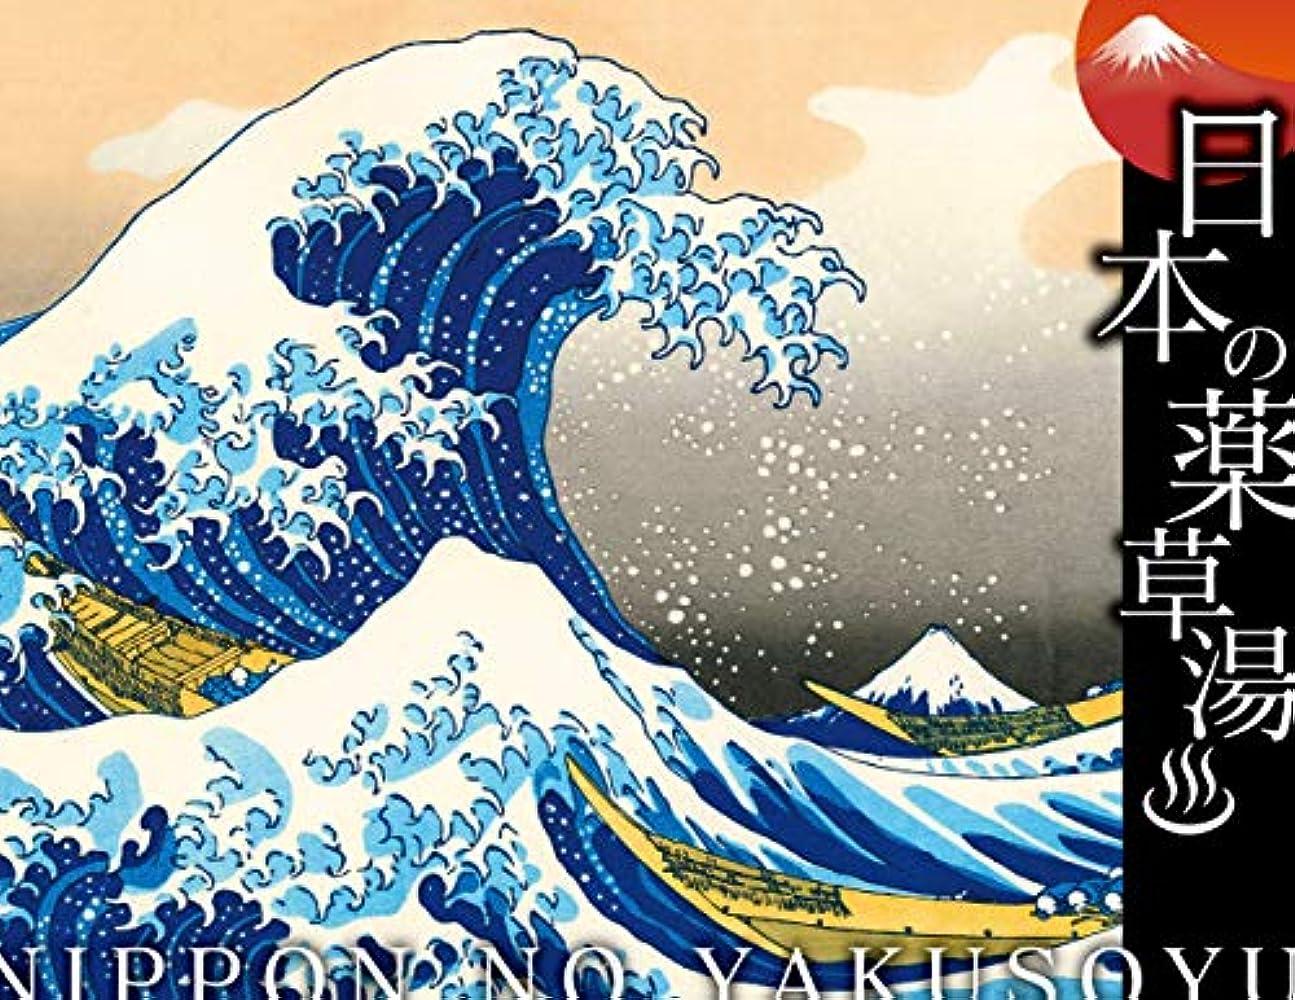 タオル構成歩行者日本の薬草湯 神奈川沖浪裏(富嶽三十六景)